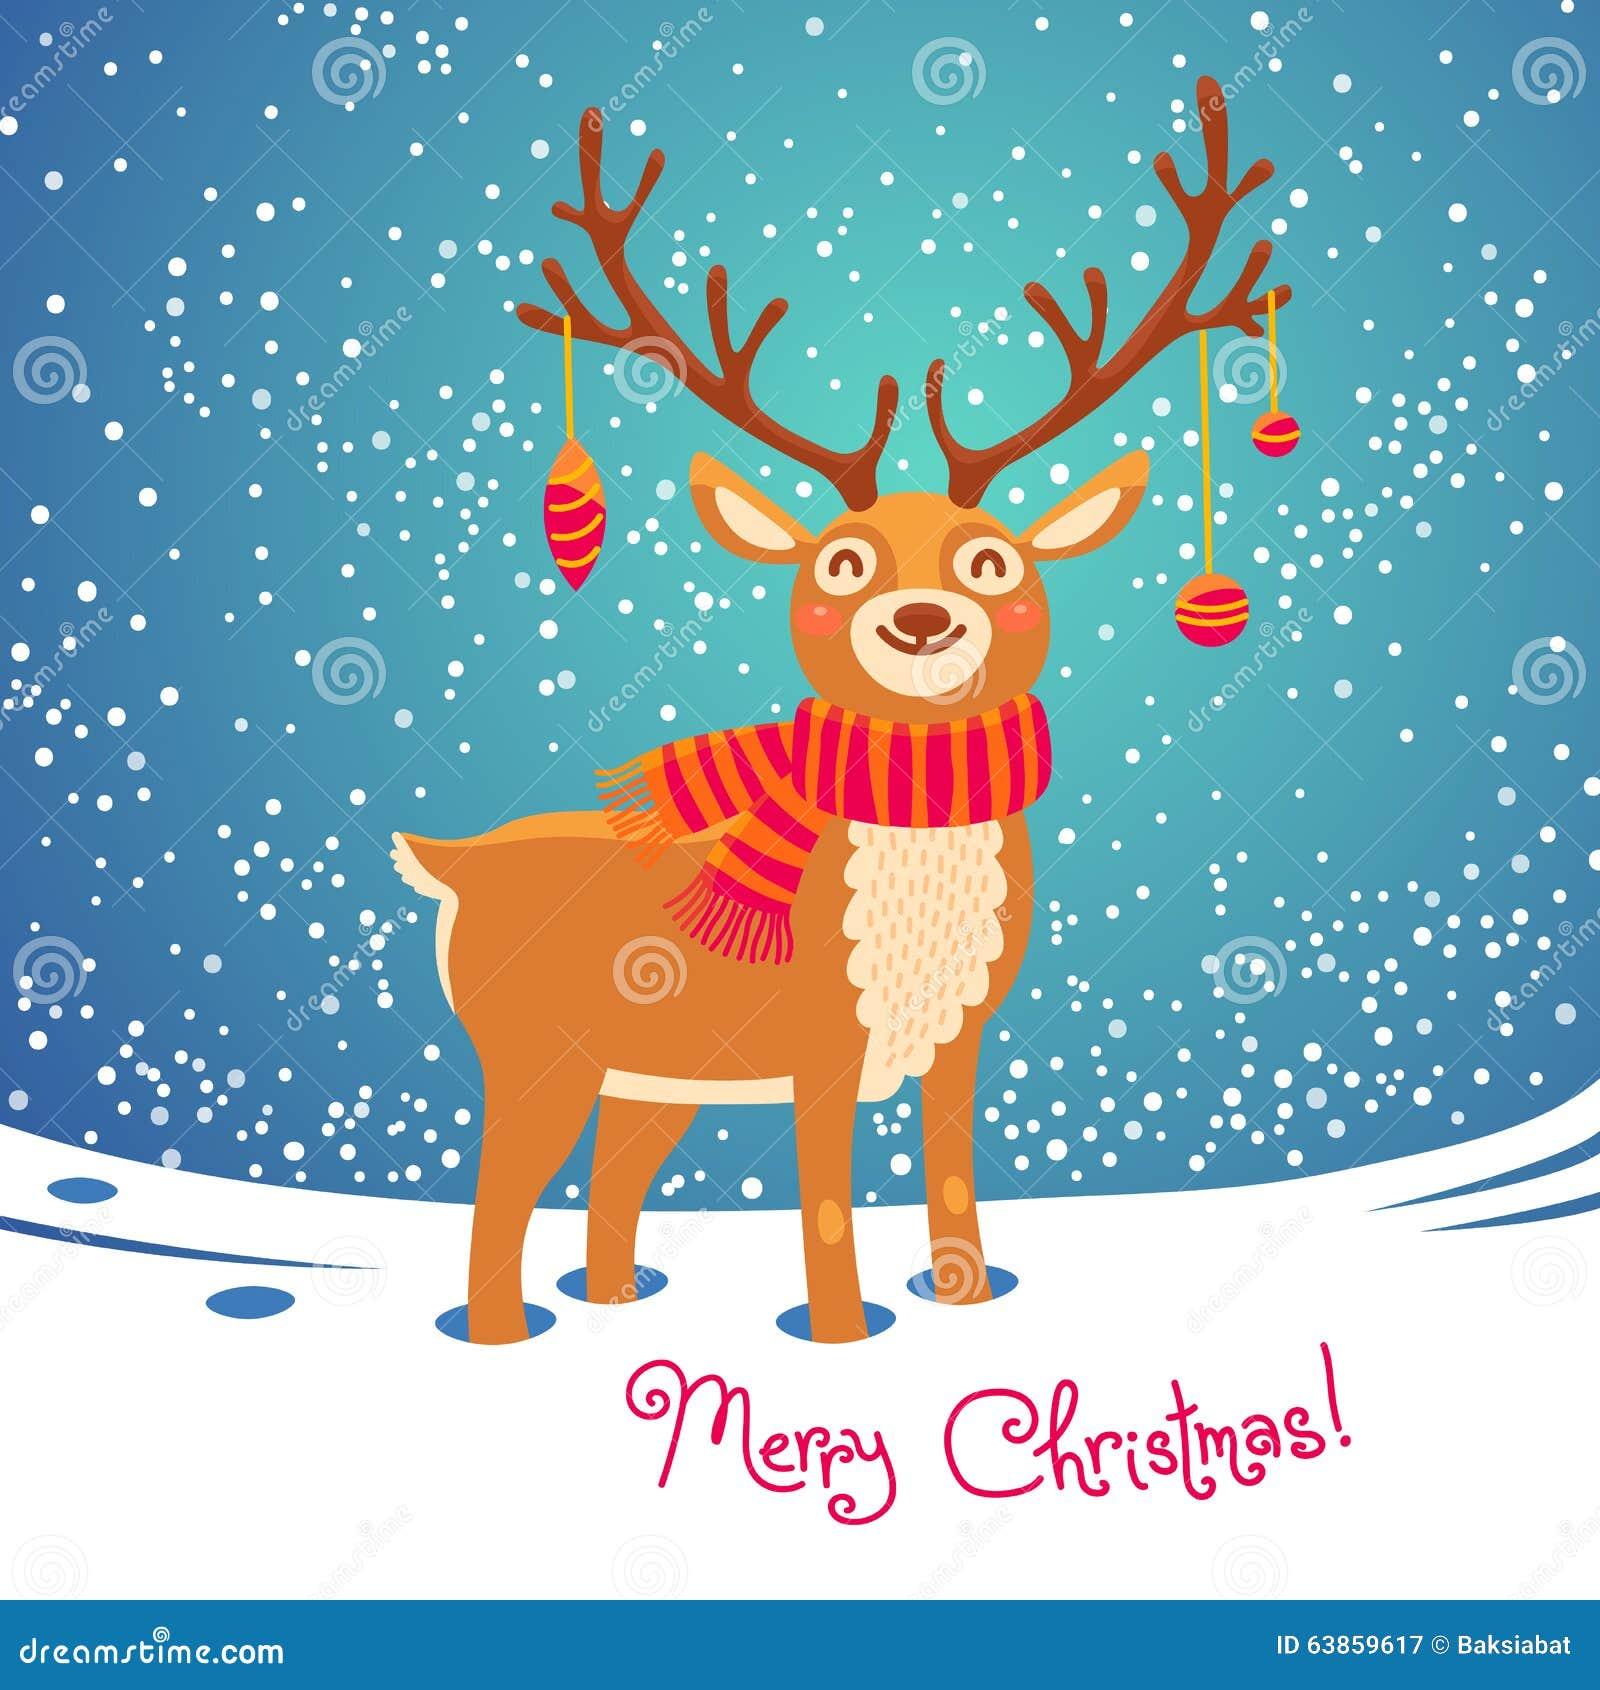 Christmas Card With Reindeer. Cute Cartoon Deer Stock Vector - Image 63859617